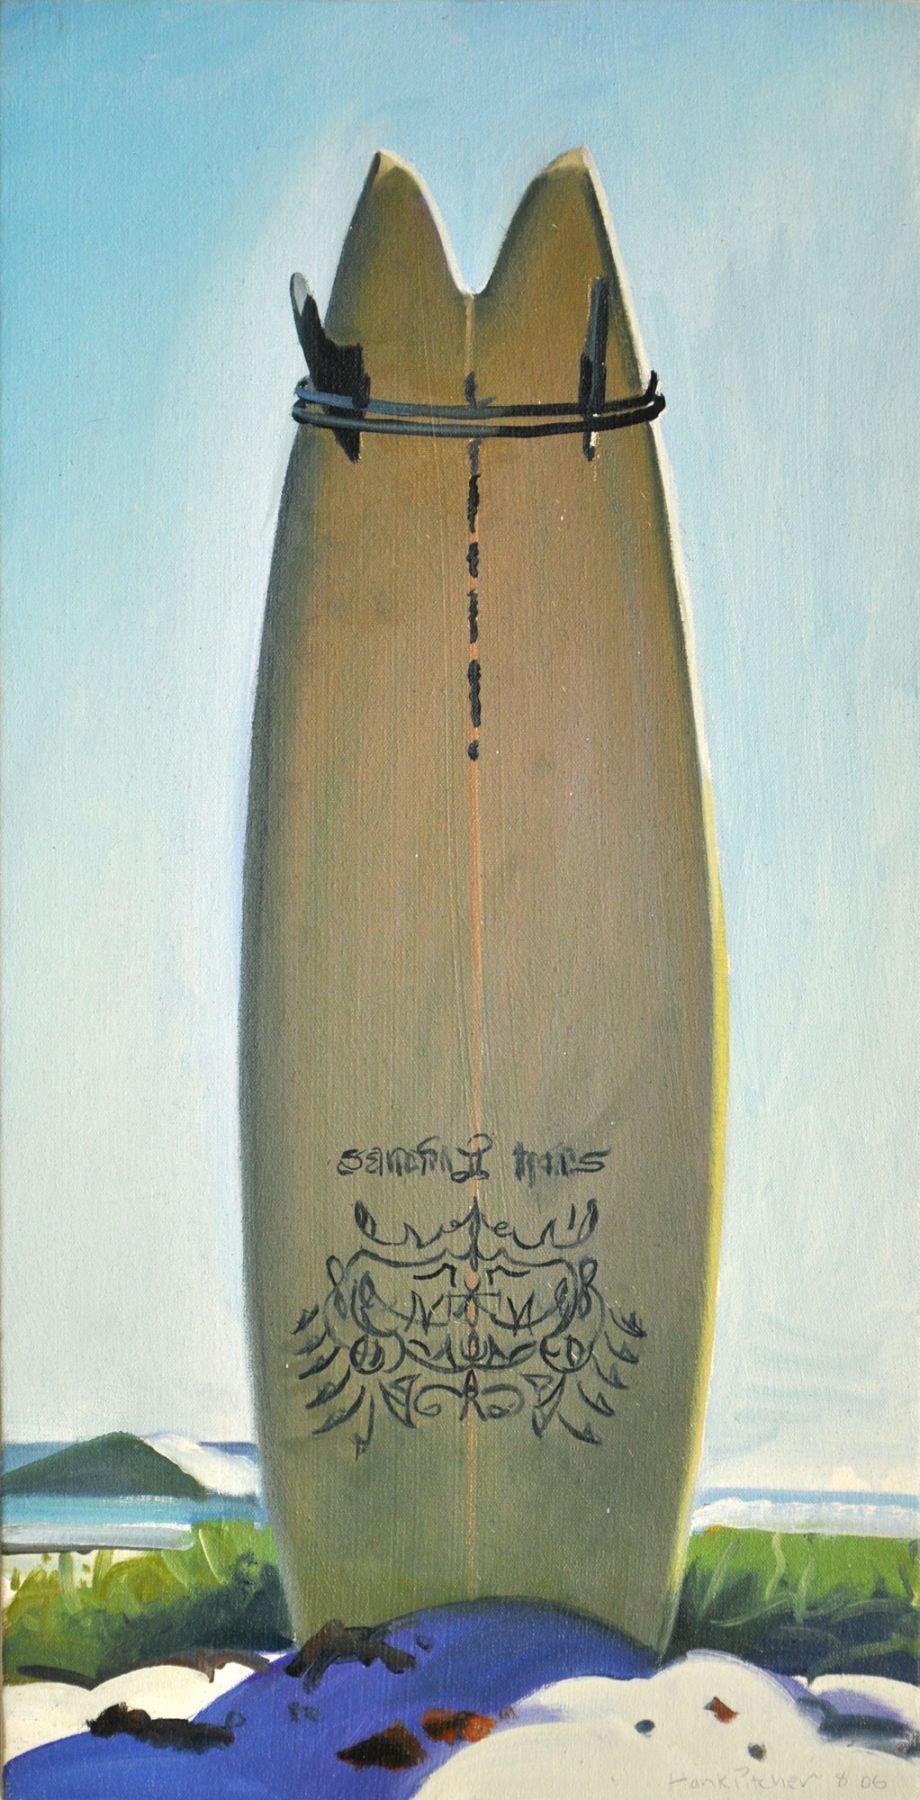 Hank Pitcher, Tattoo Board - Brom Fish, 2006